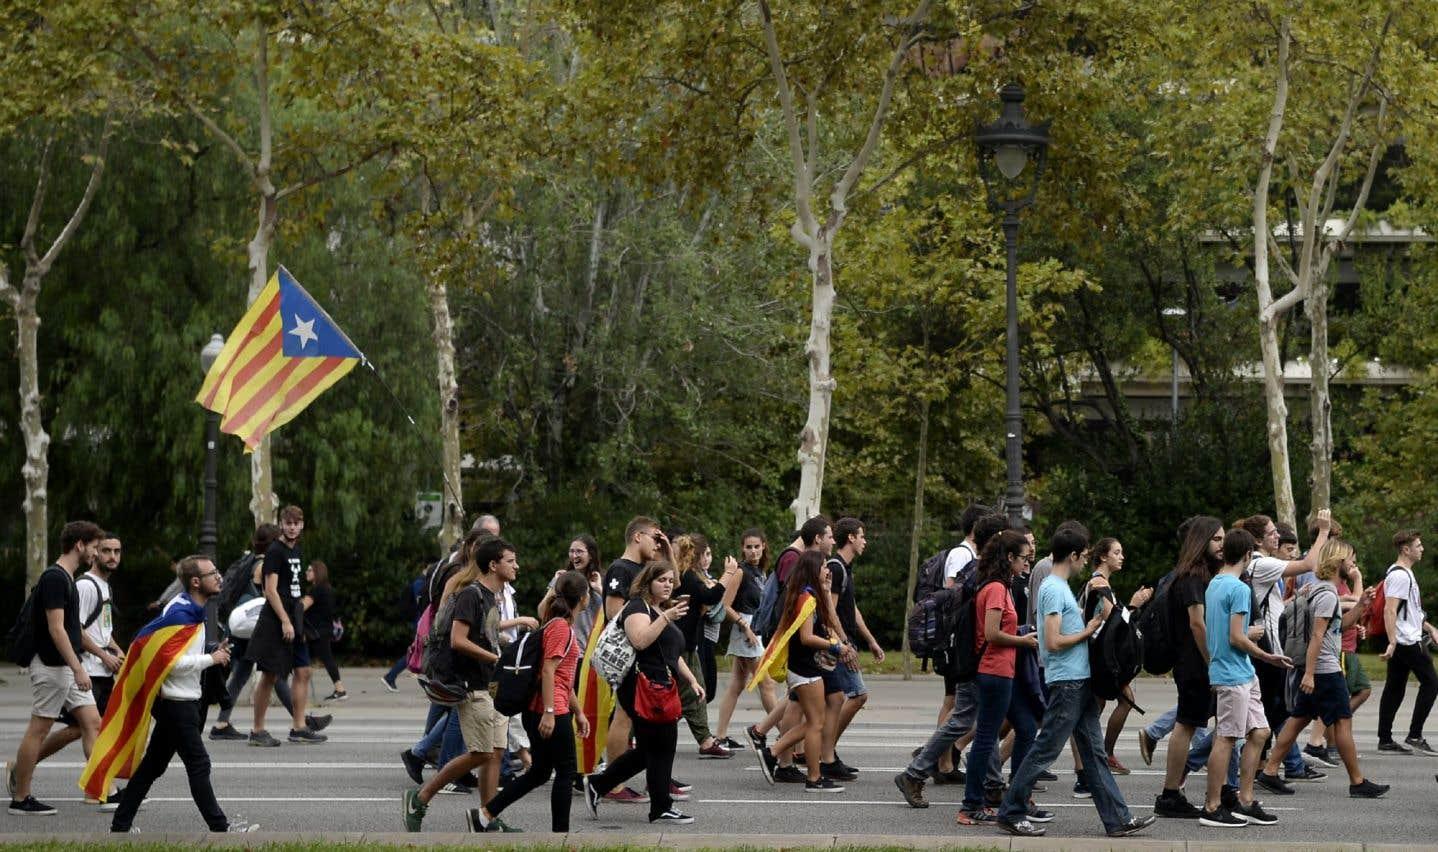 «Nous voterons!»ou«Bonjour démocratie!», ont scandé les manifestants.